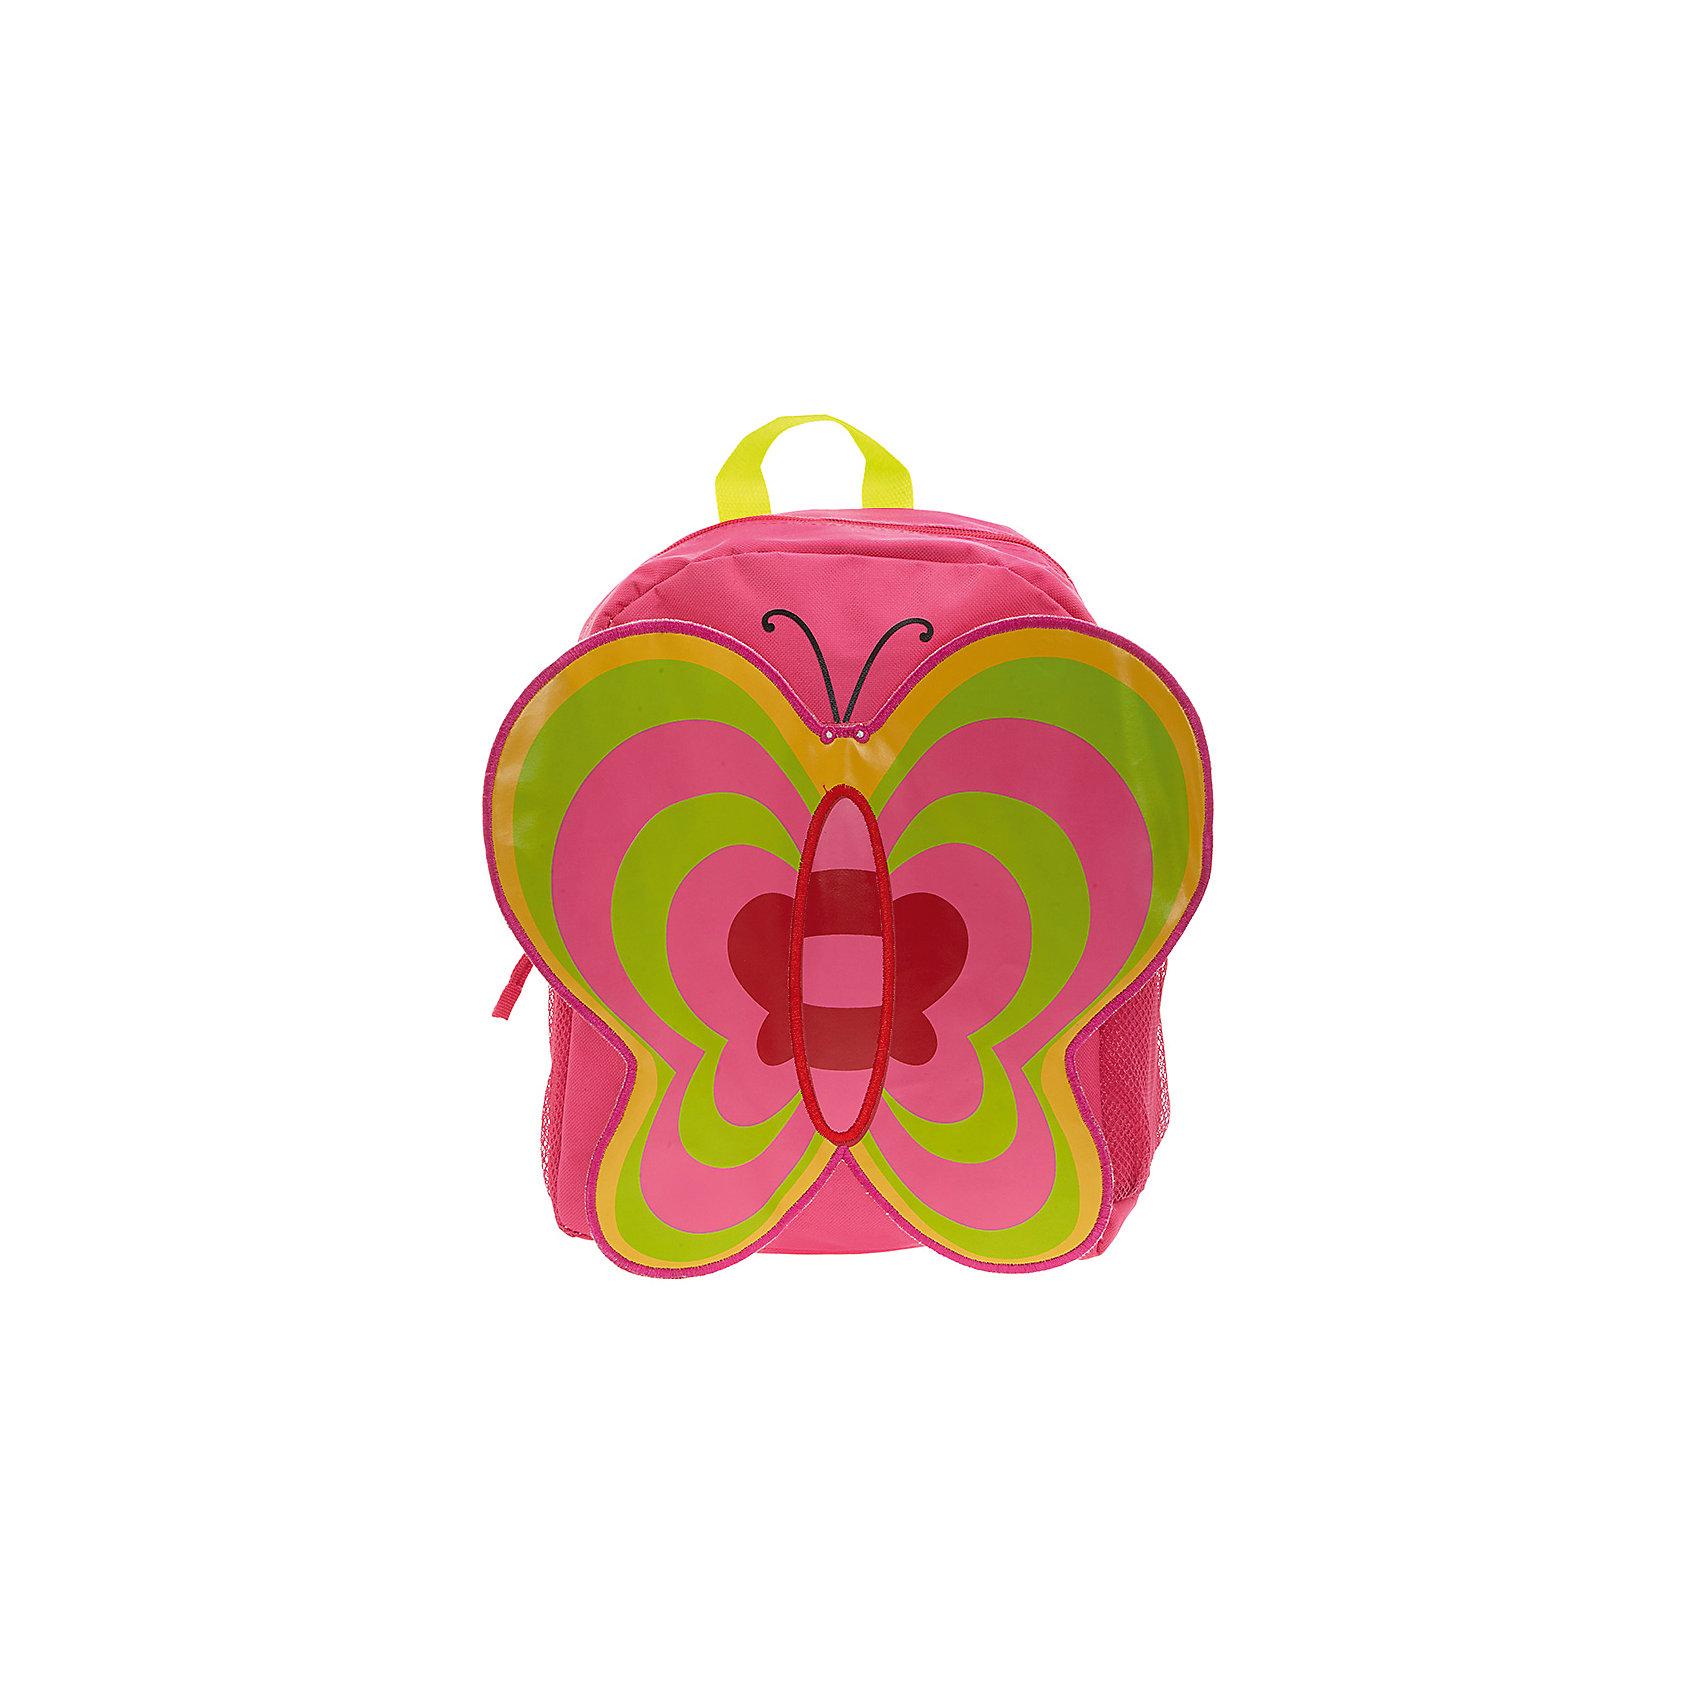 Рюкзак Бабочка, цвет фуксия с зеленымИдеально подходят для хранения важных и необходимых вещей, которые так необходимы маленькой принцессе на детской площадке, во время прогулки или на пикнике. Сделан из прочного, износоустойчивого полиэстера. Просторный внутренний отсек будет очень удобен в использовании. Лицевая  сторона рюкзака выполнена в форме объемной бабочки с большими привлекательными крылышками. Отлично подходит для детей от 2-х до 5-ти лет.<br><br>Ширина мм: 33<br>Глубина мм: 26<br>Высота мм: 12<br>Вес г: 500<br>Возраст от месяцев: 36<br>Возраст до месяцев: 84<br>Пол: Женский<br>Возраст: Детский<br>SKU: 5344315